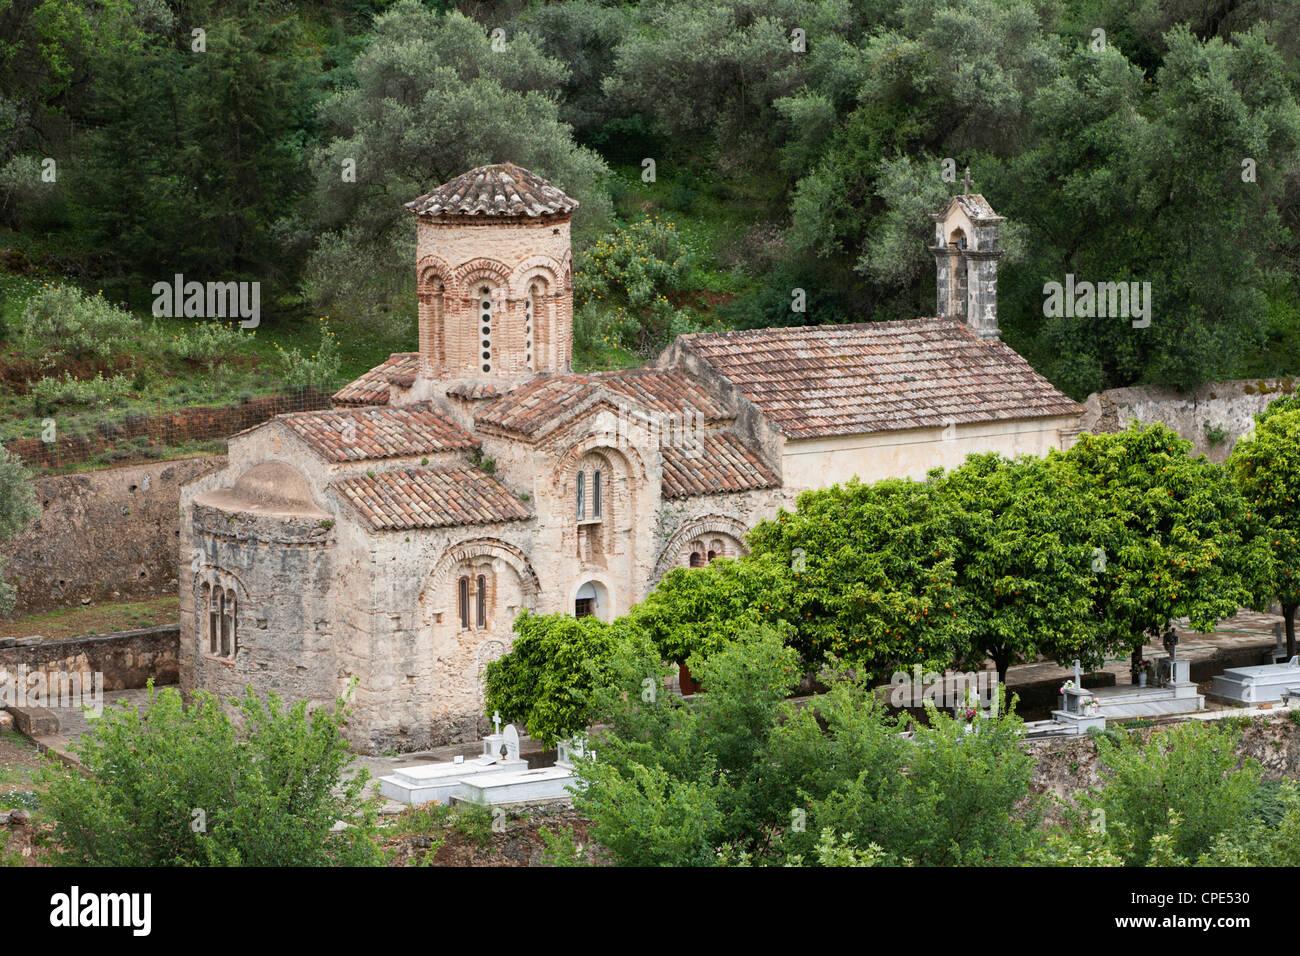 Ayios Nikolaos Byzantine church, near Samonas, White Mountains (Lefka Ori), Chania region, Crete, Greek Islands, - Stock Image